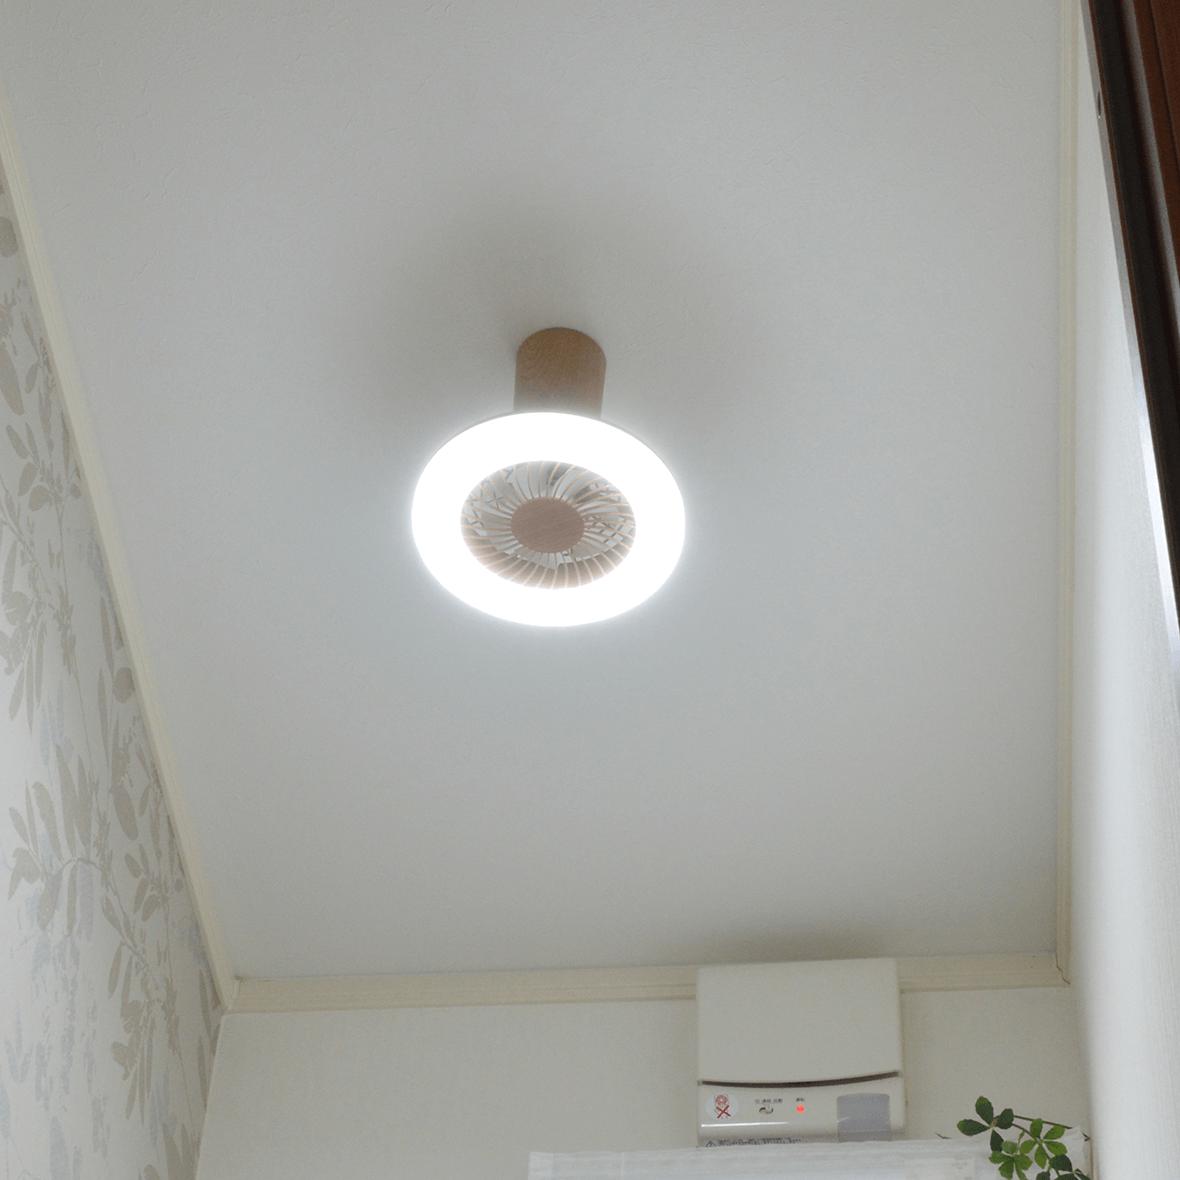 スワン電器 slimac LED小型シーリングライト FCE-222NA3